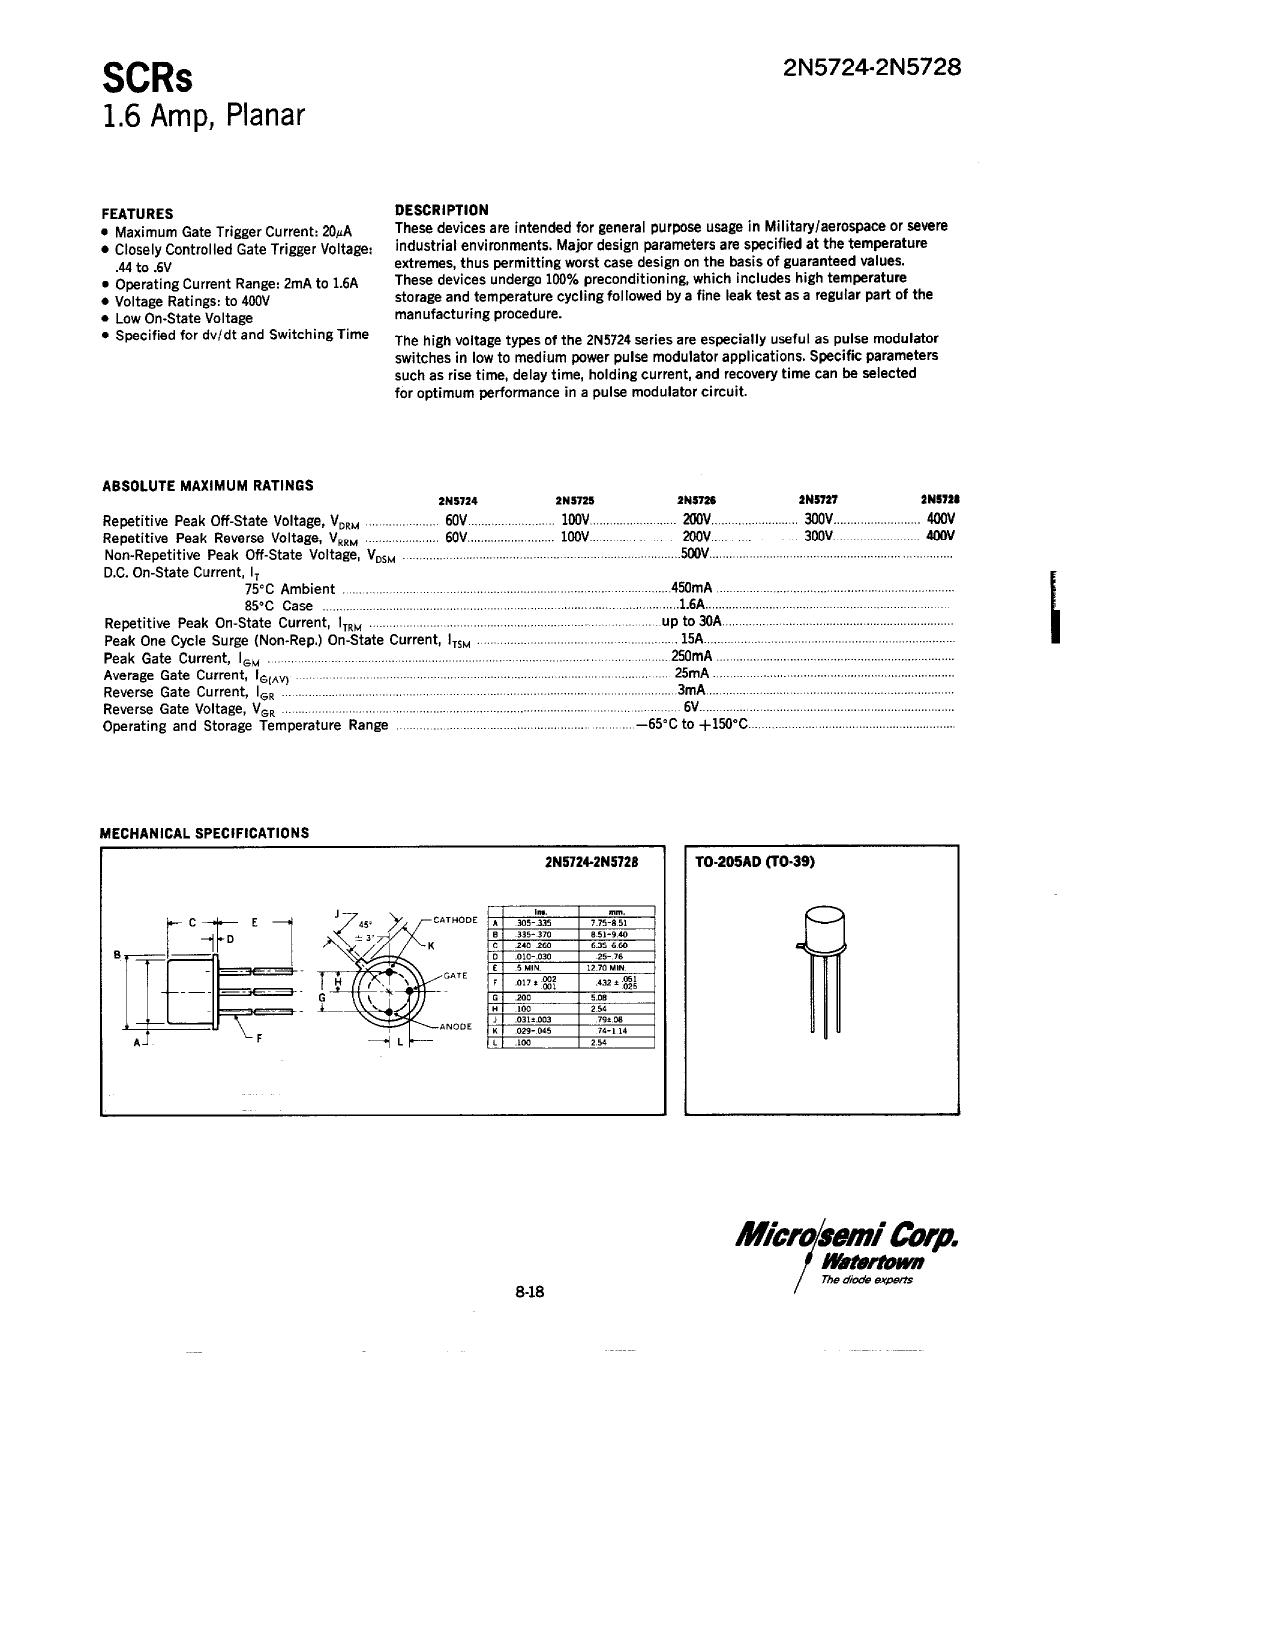 2N5728 دیتاشیت PDF